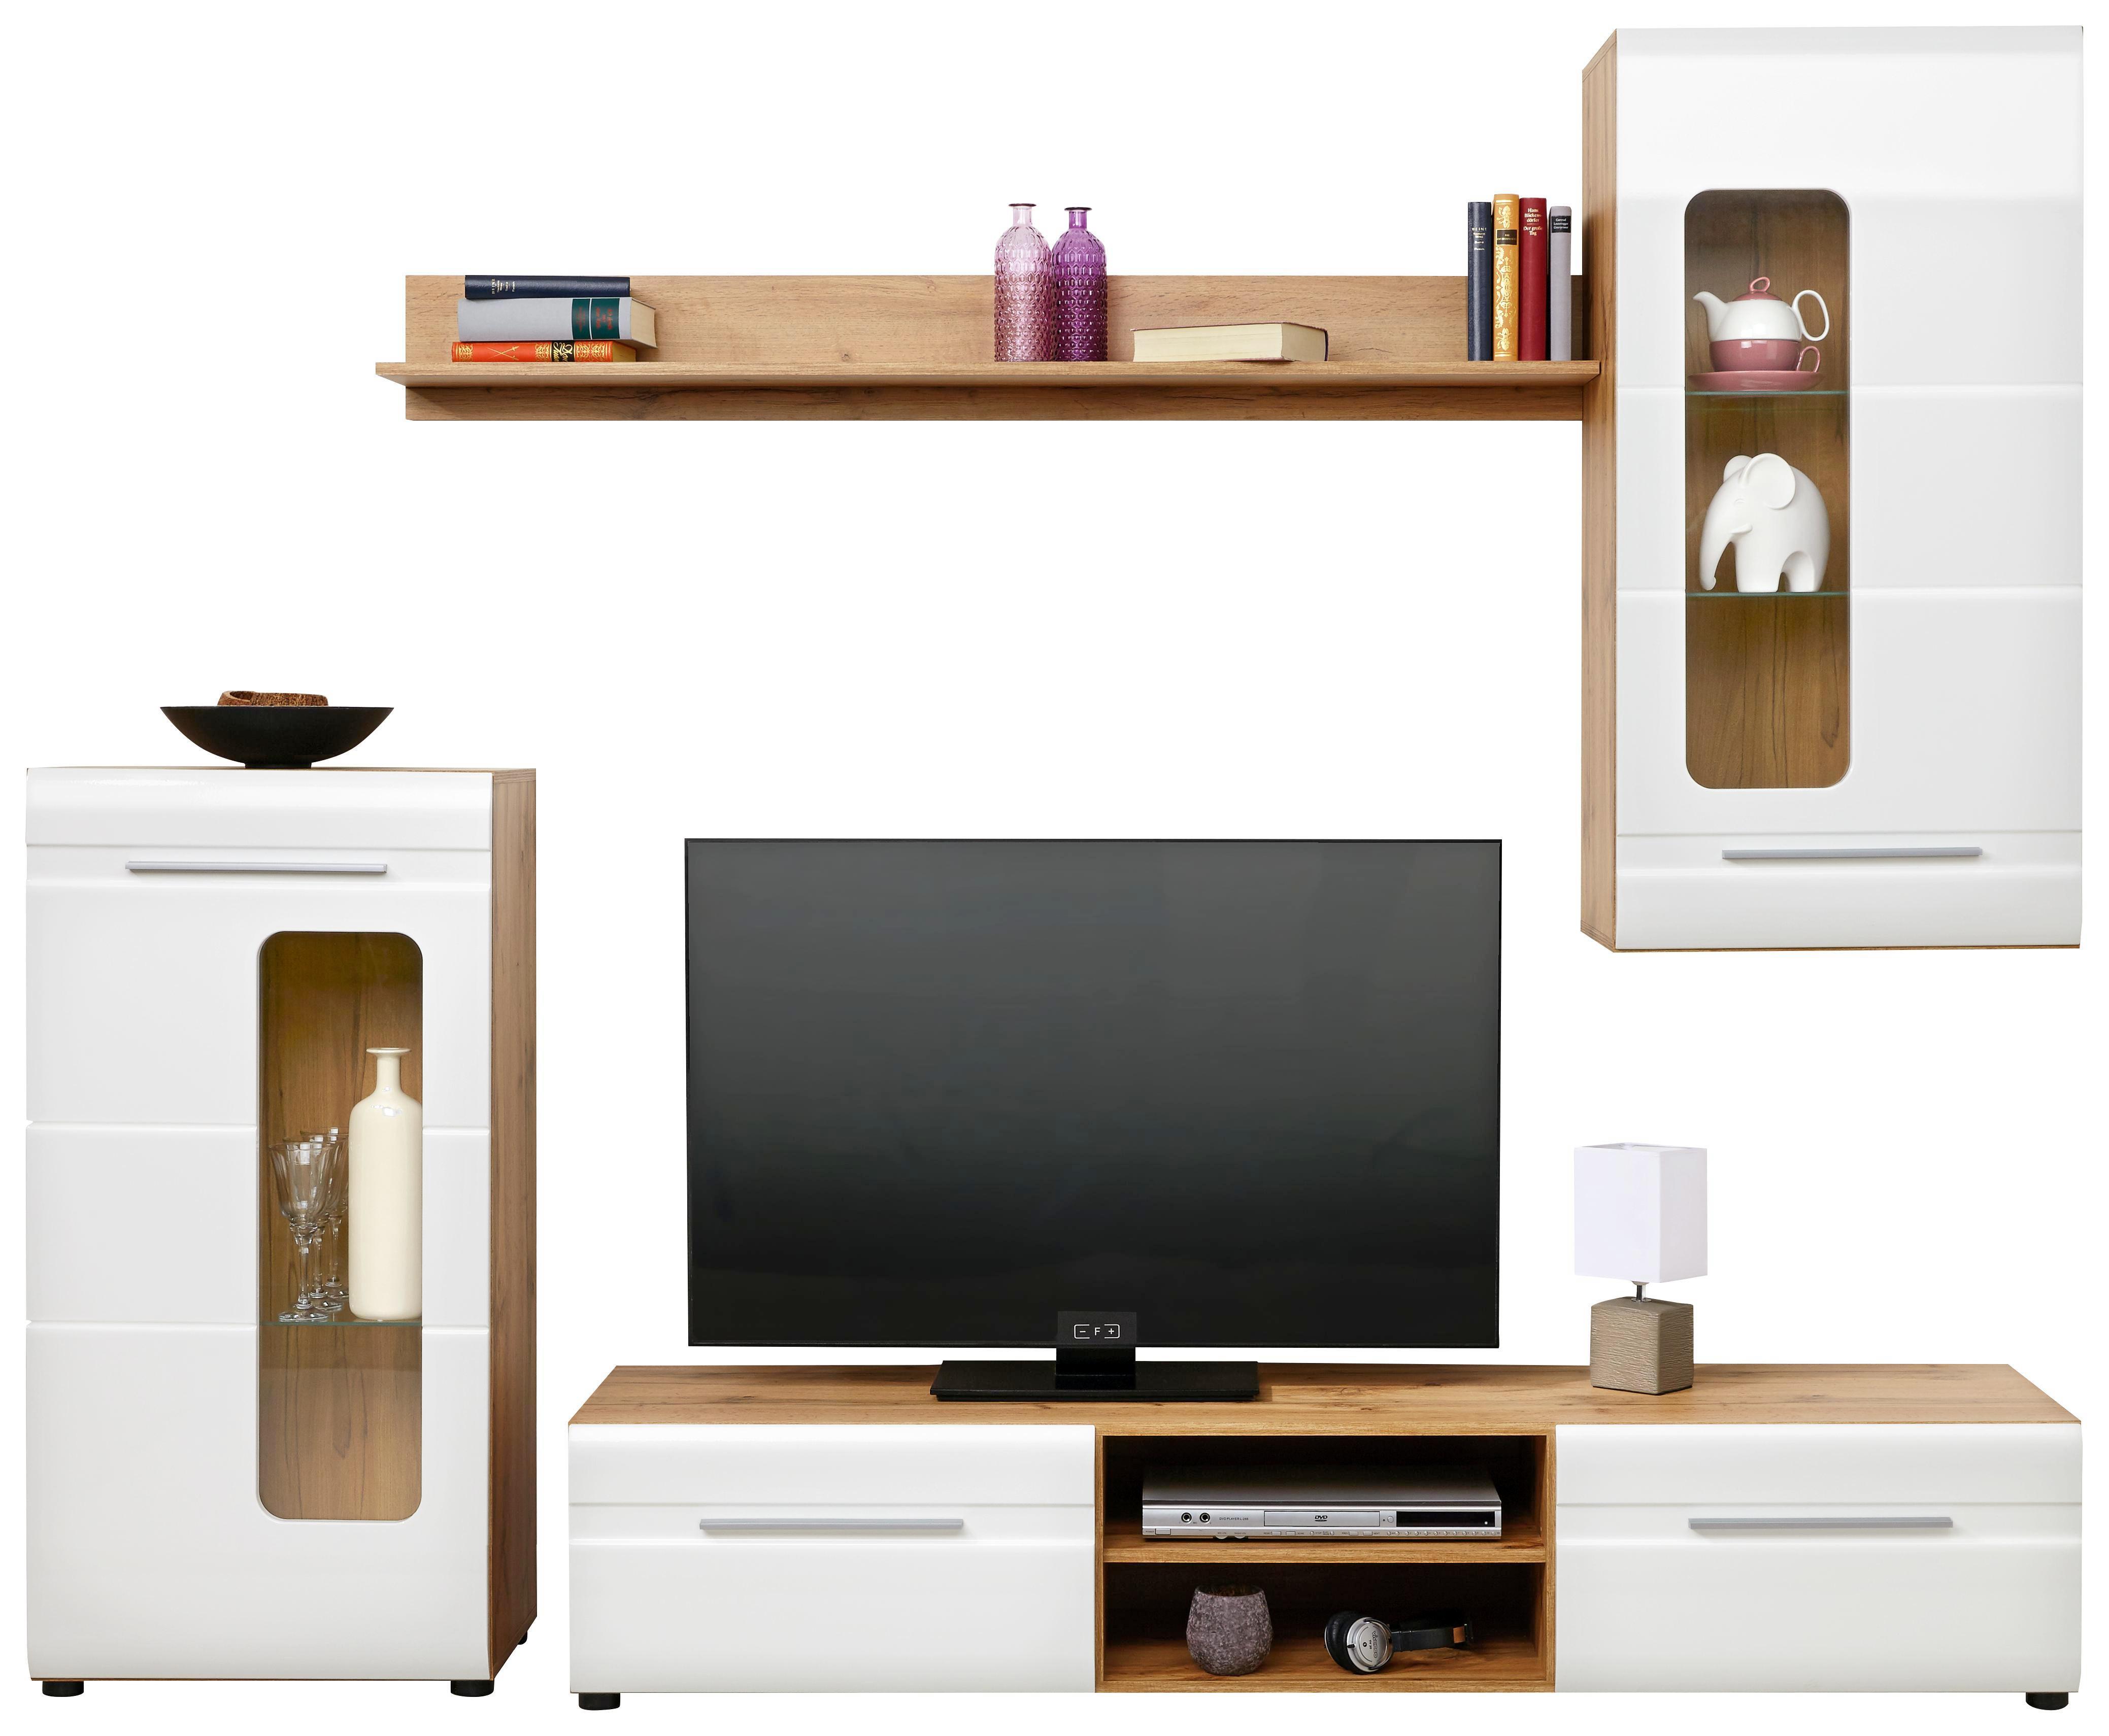 wohnwnde online full size of wohnwand dsign valentino dsign wohnwand online entdecken. Black Bedroom Furniture Sets. Home Design Ideas